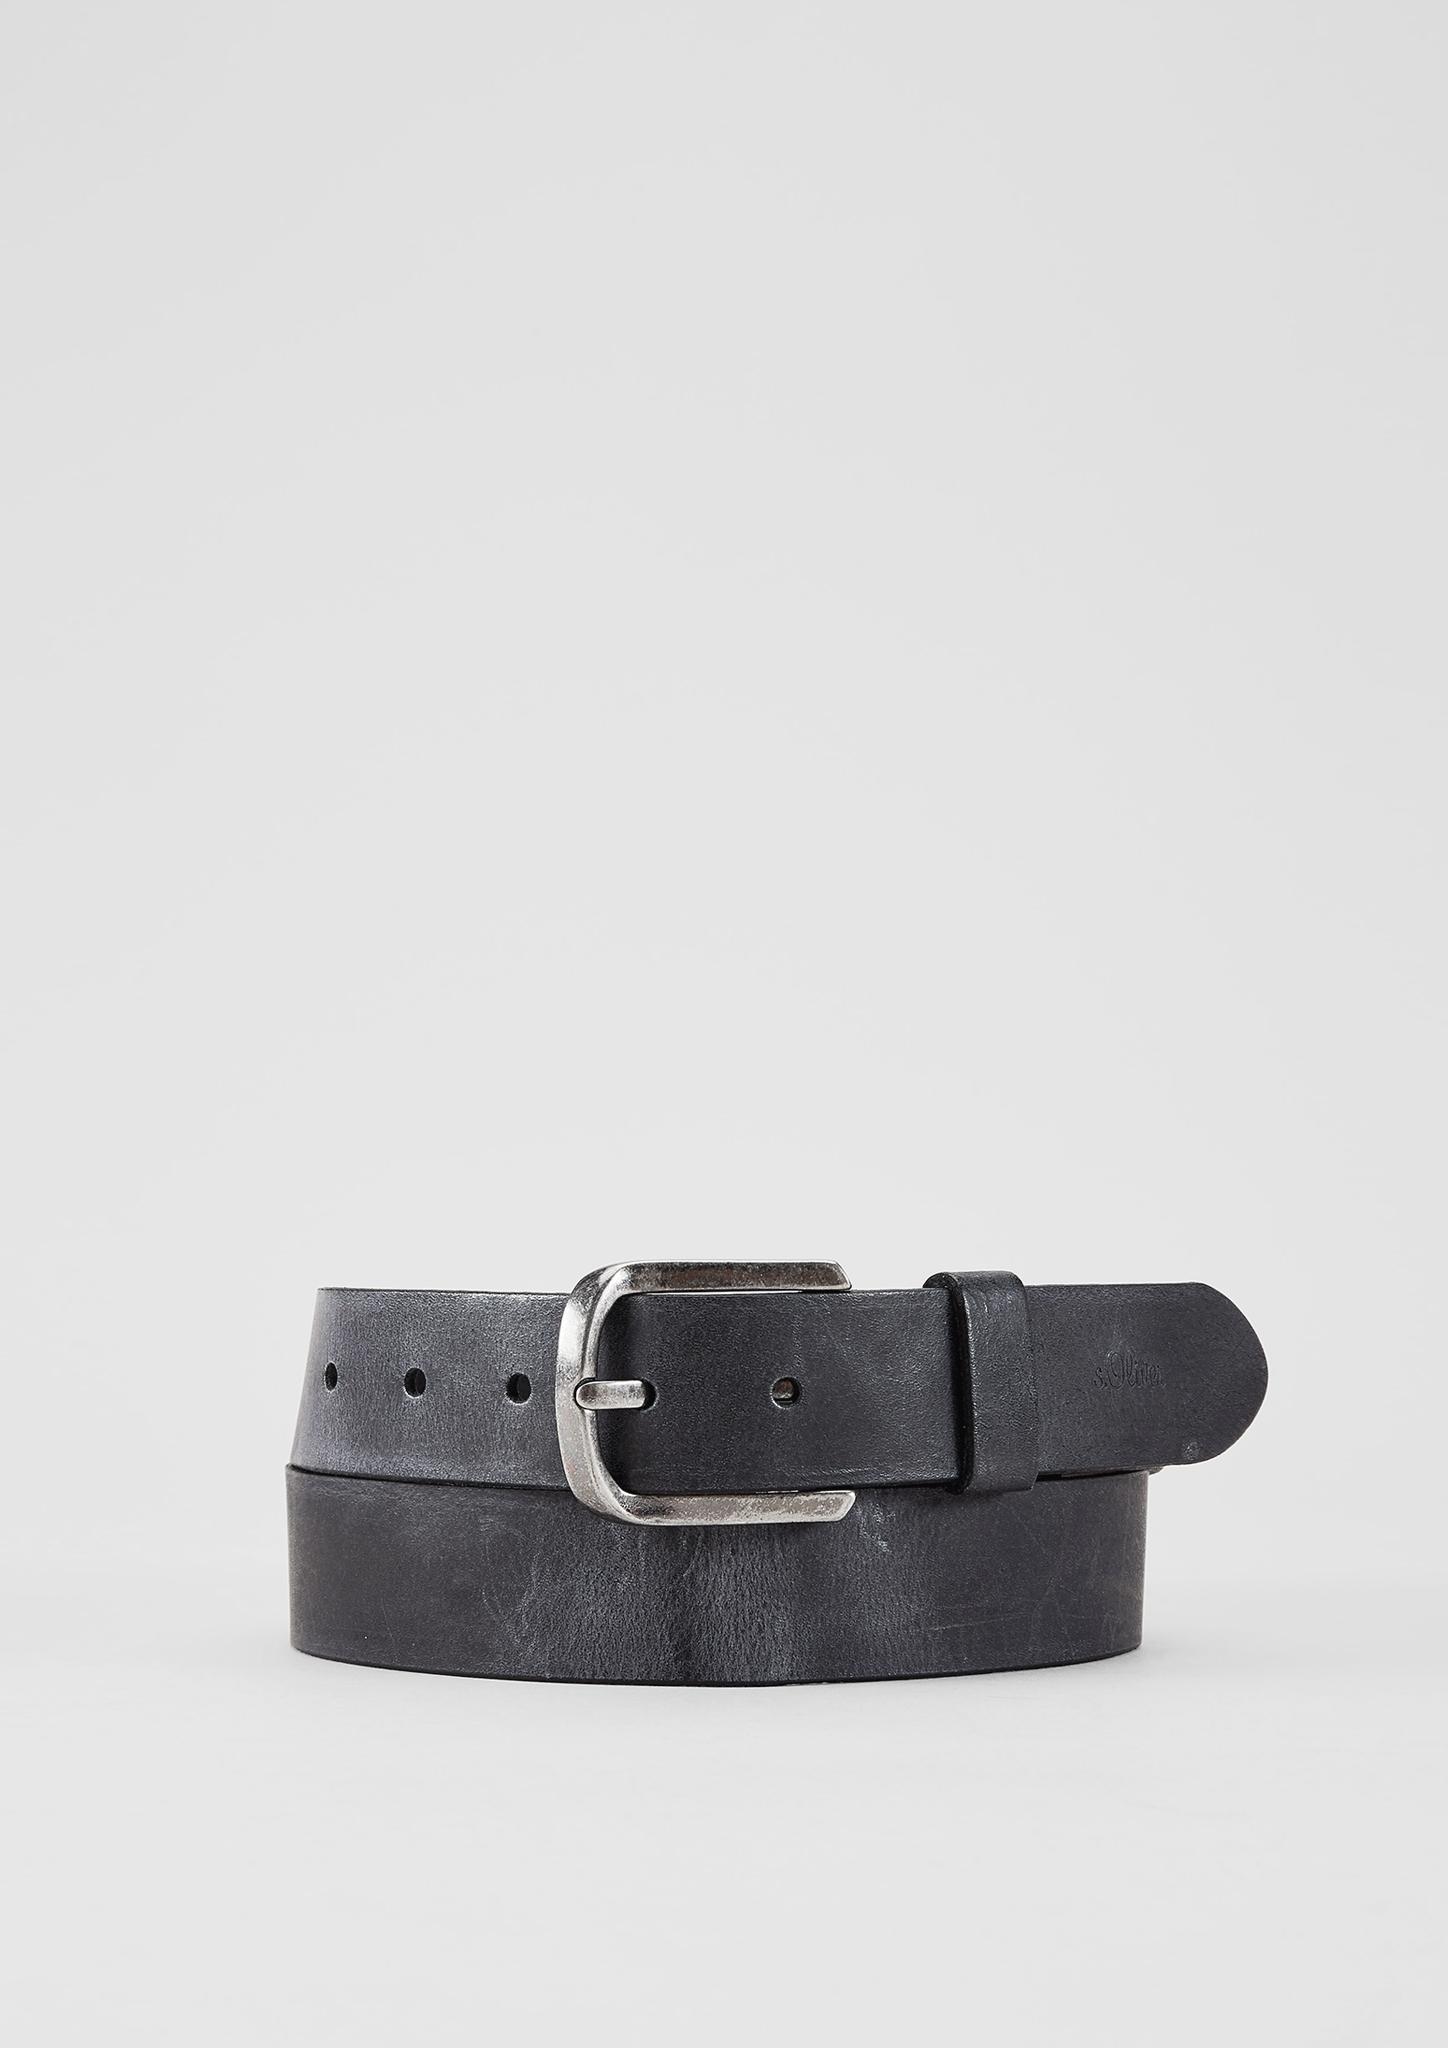 Gürtel | Accessoires > Gürtel > Sonstige Gürtel | Grau | 100% leder | s.Oliver